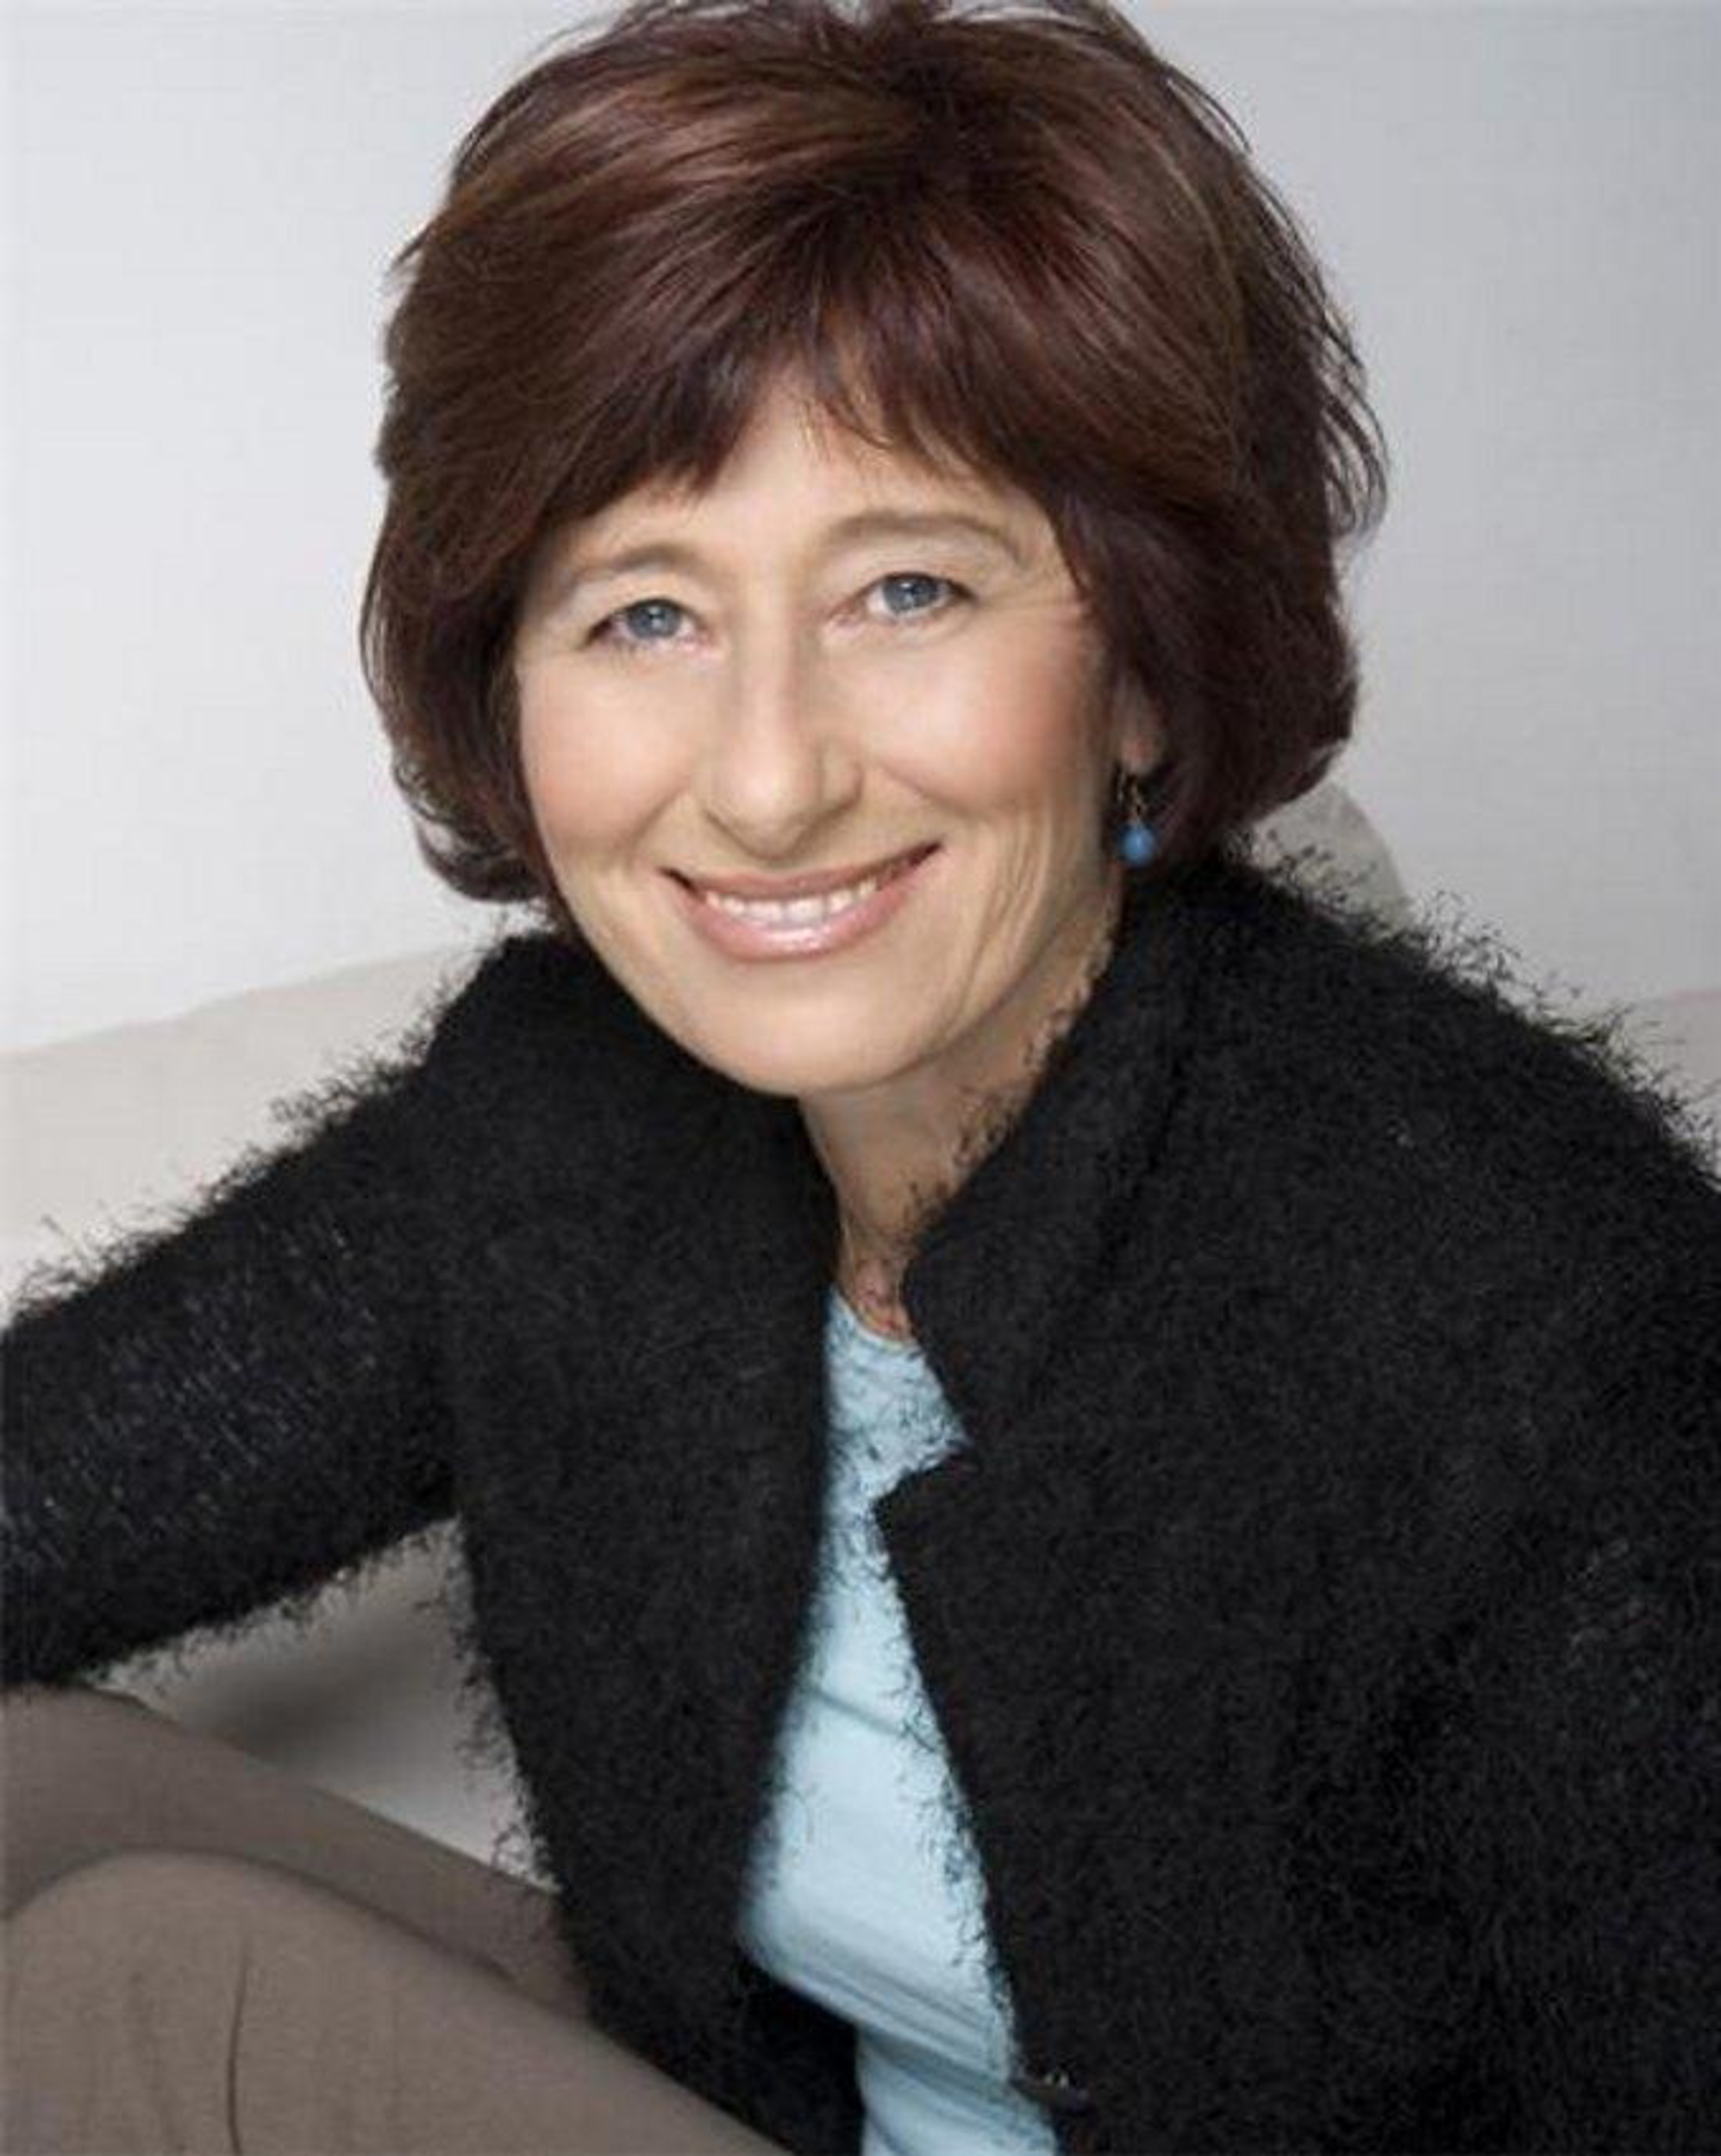 Lyn Pierse